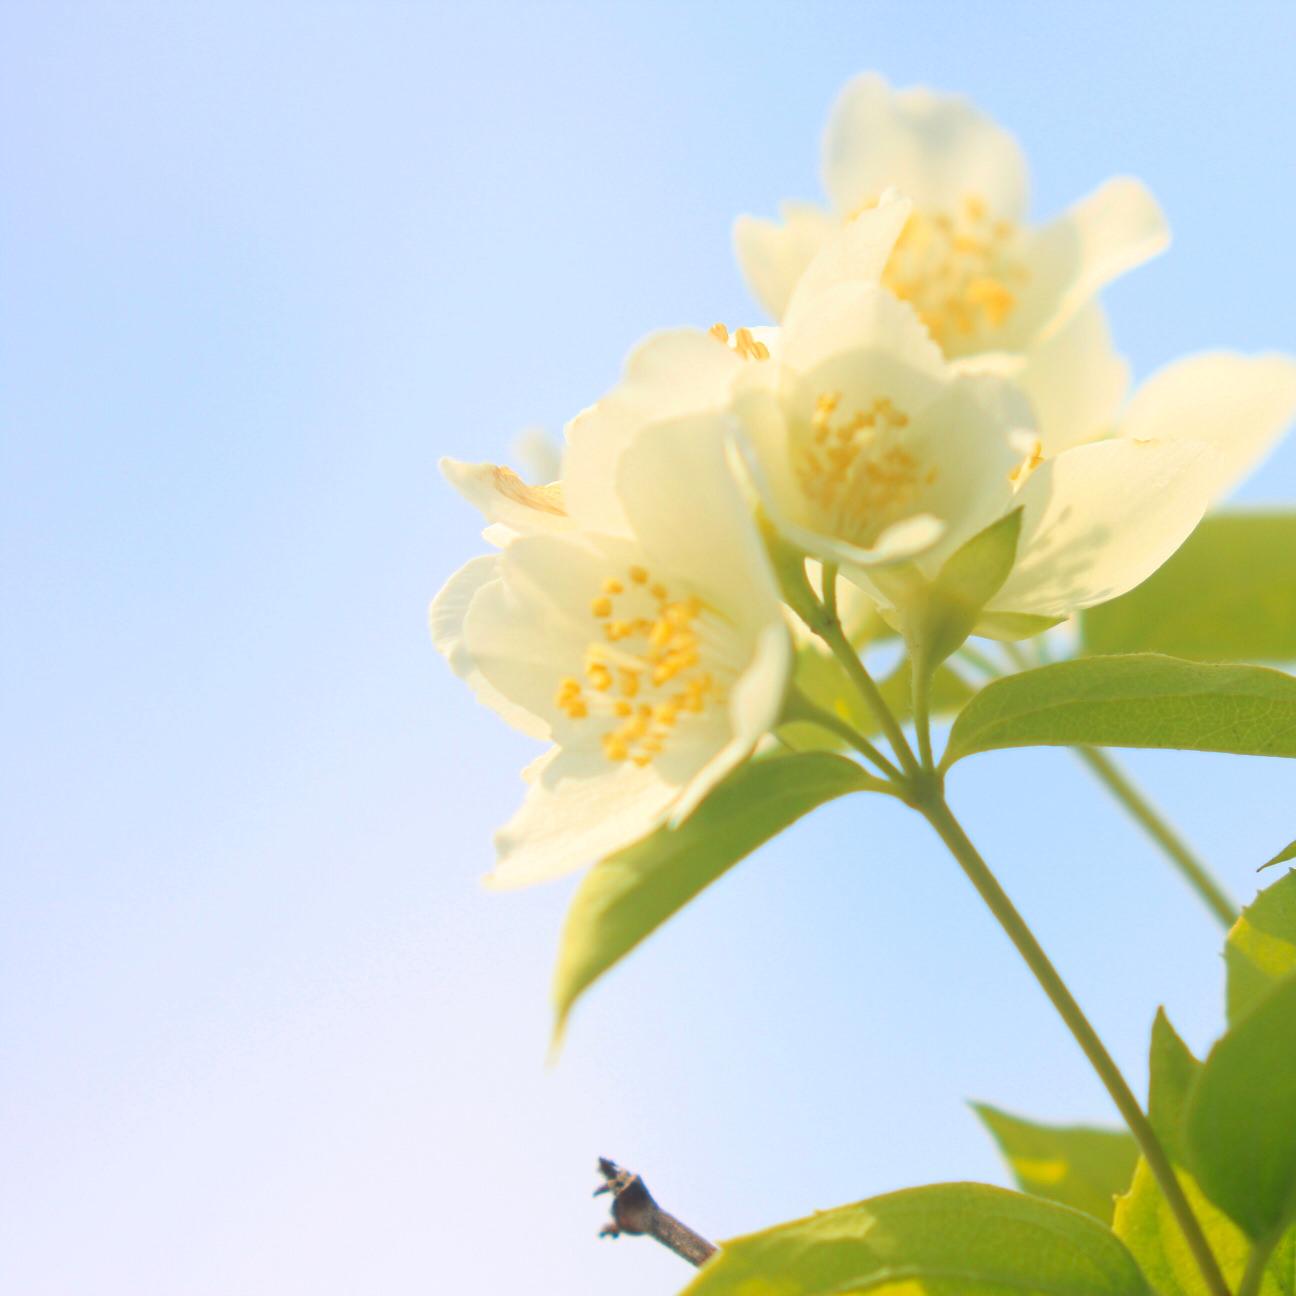 バイカウツギ(梅花空木)の育て方|植え付けの時期や水やりの頻度は?の画像